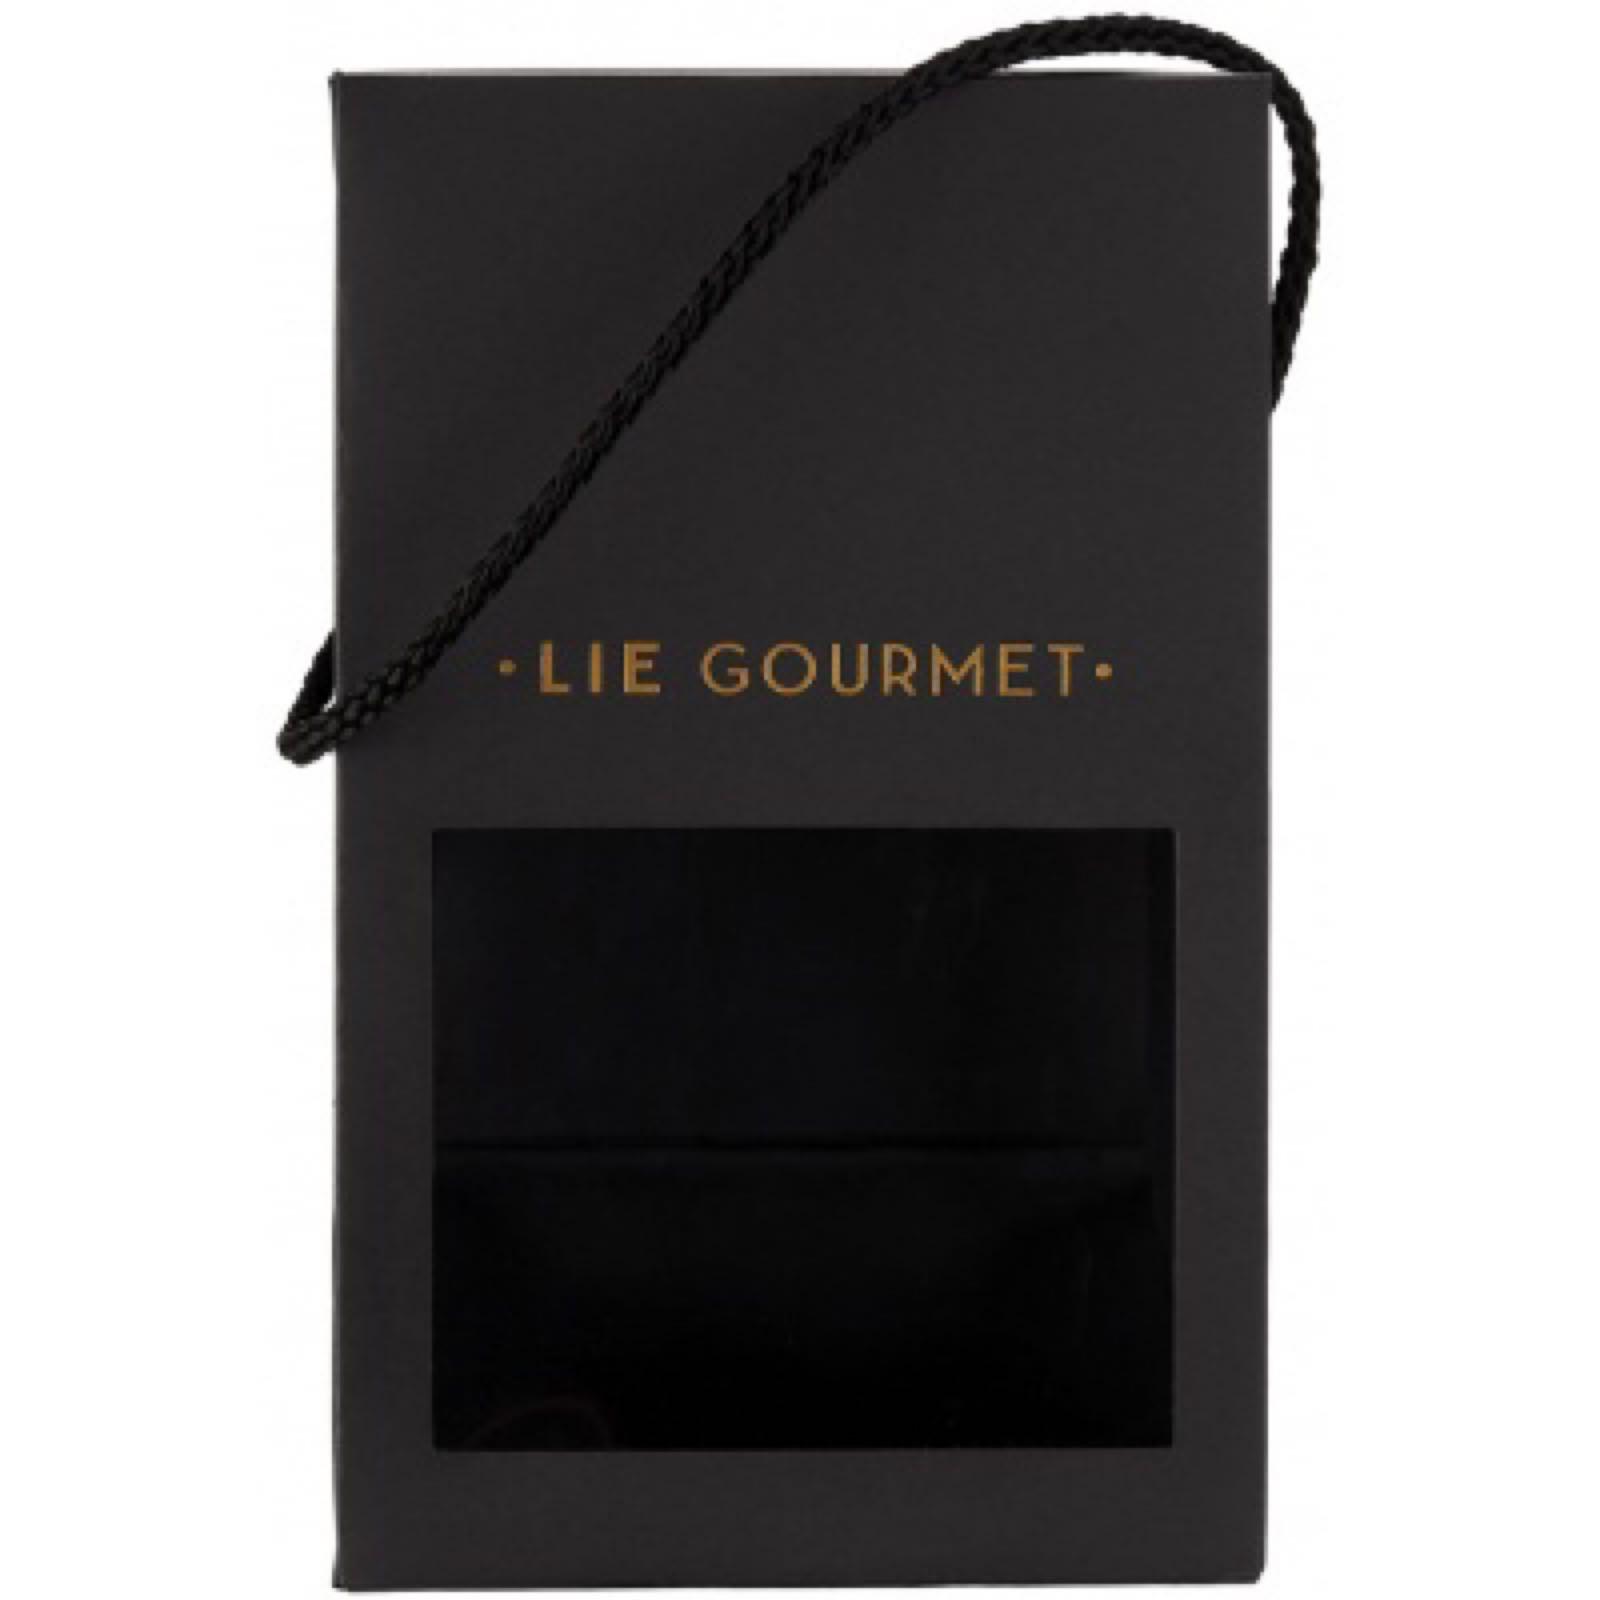 Lie gourmet lahjapakkaus